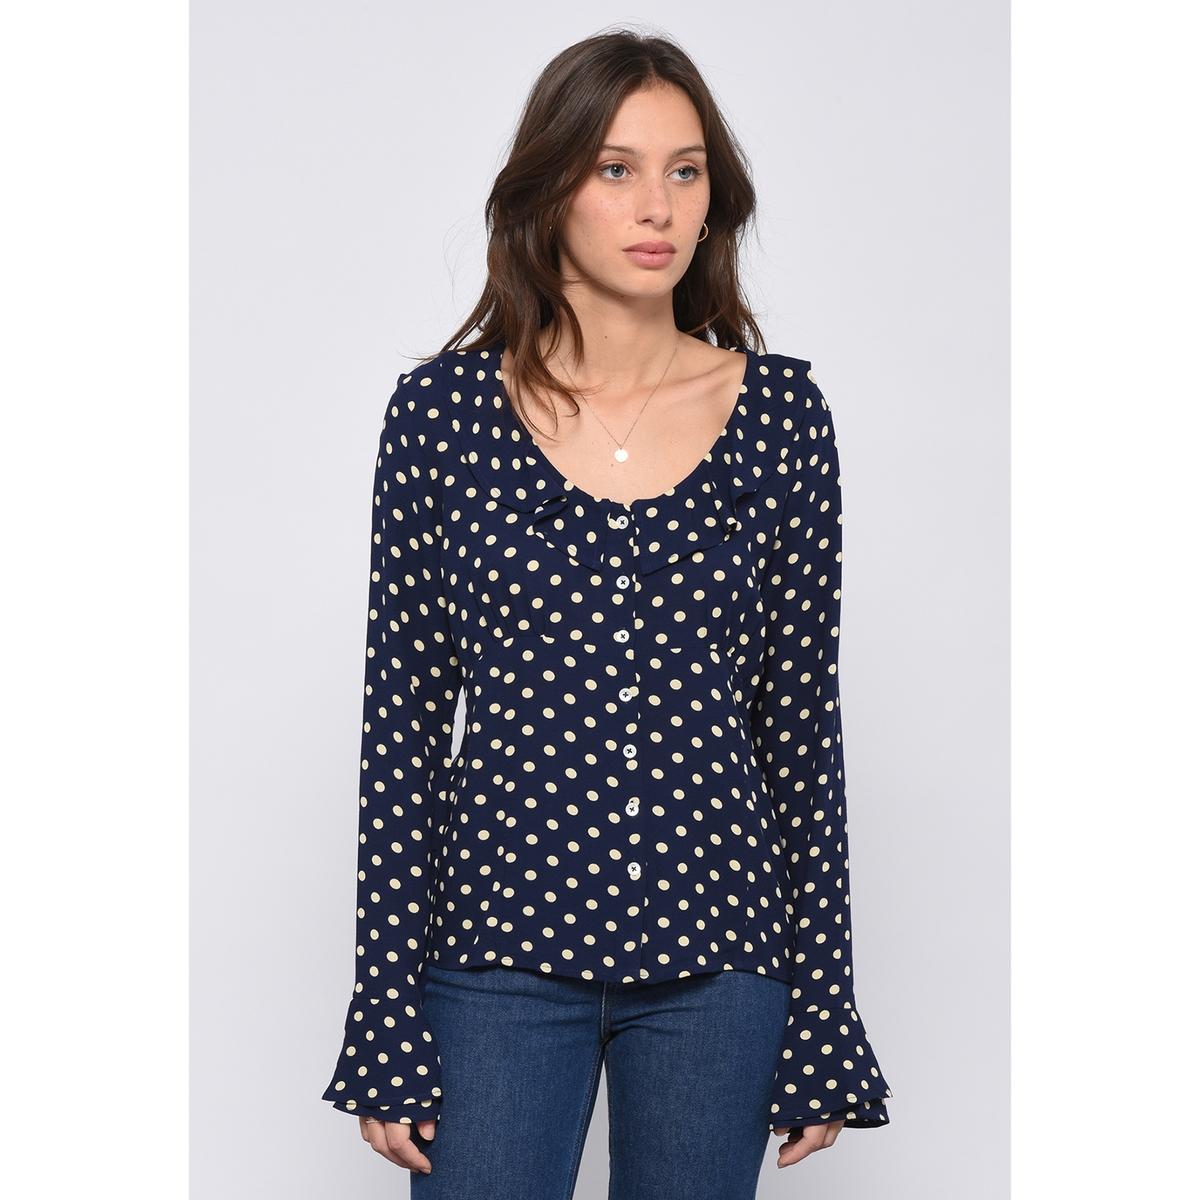 Рубашка в горошек с круглым вырезом с воланами CHOCOLAT рубашка с круглым вырезом и рисунком в горошек